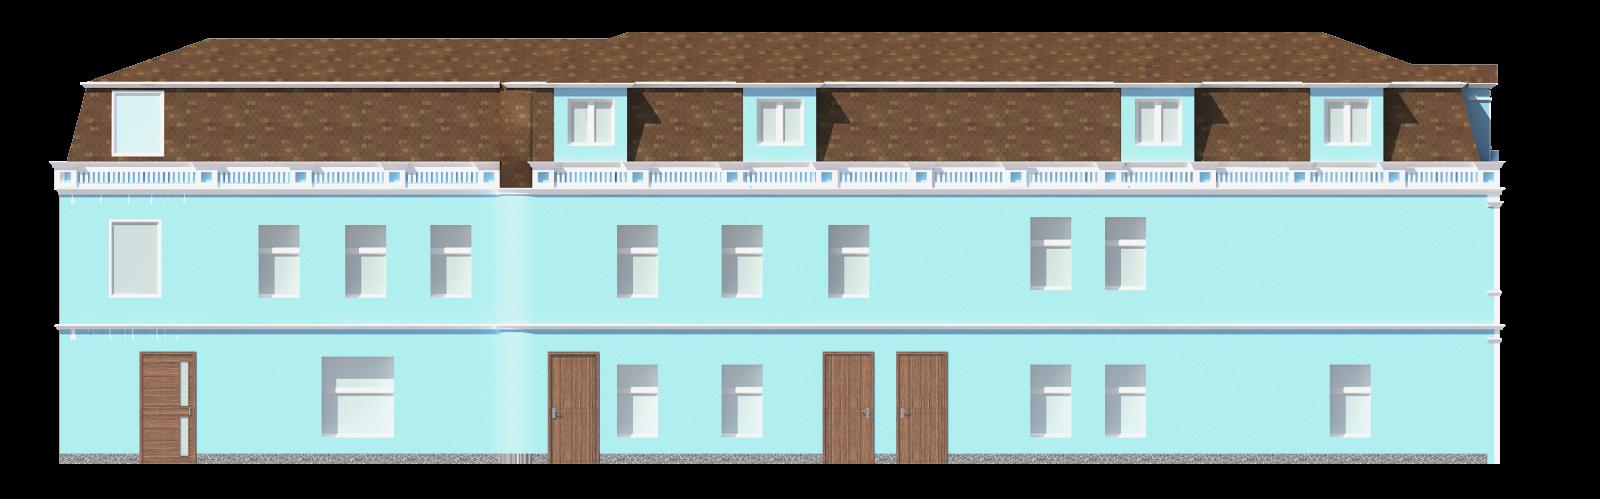 Предложение по реконструкции офисного здания по адресу ул.Хорива, 47-г - 6